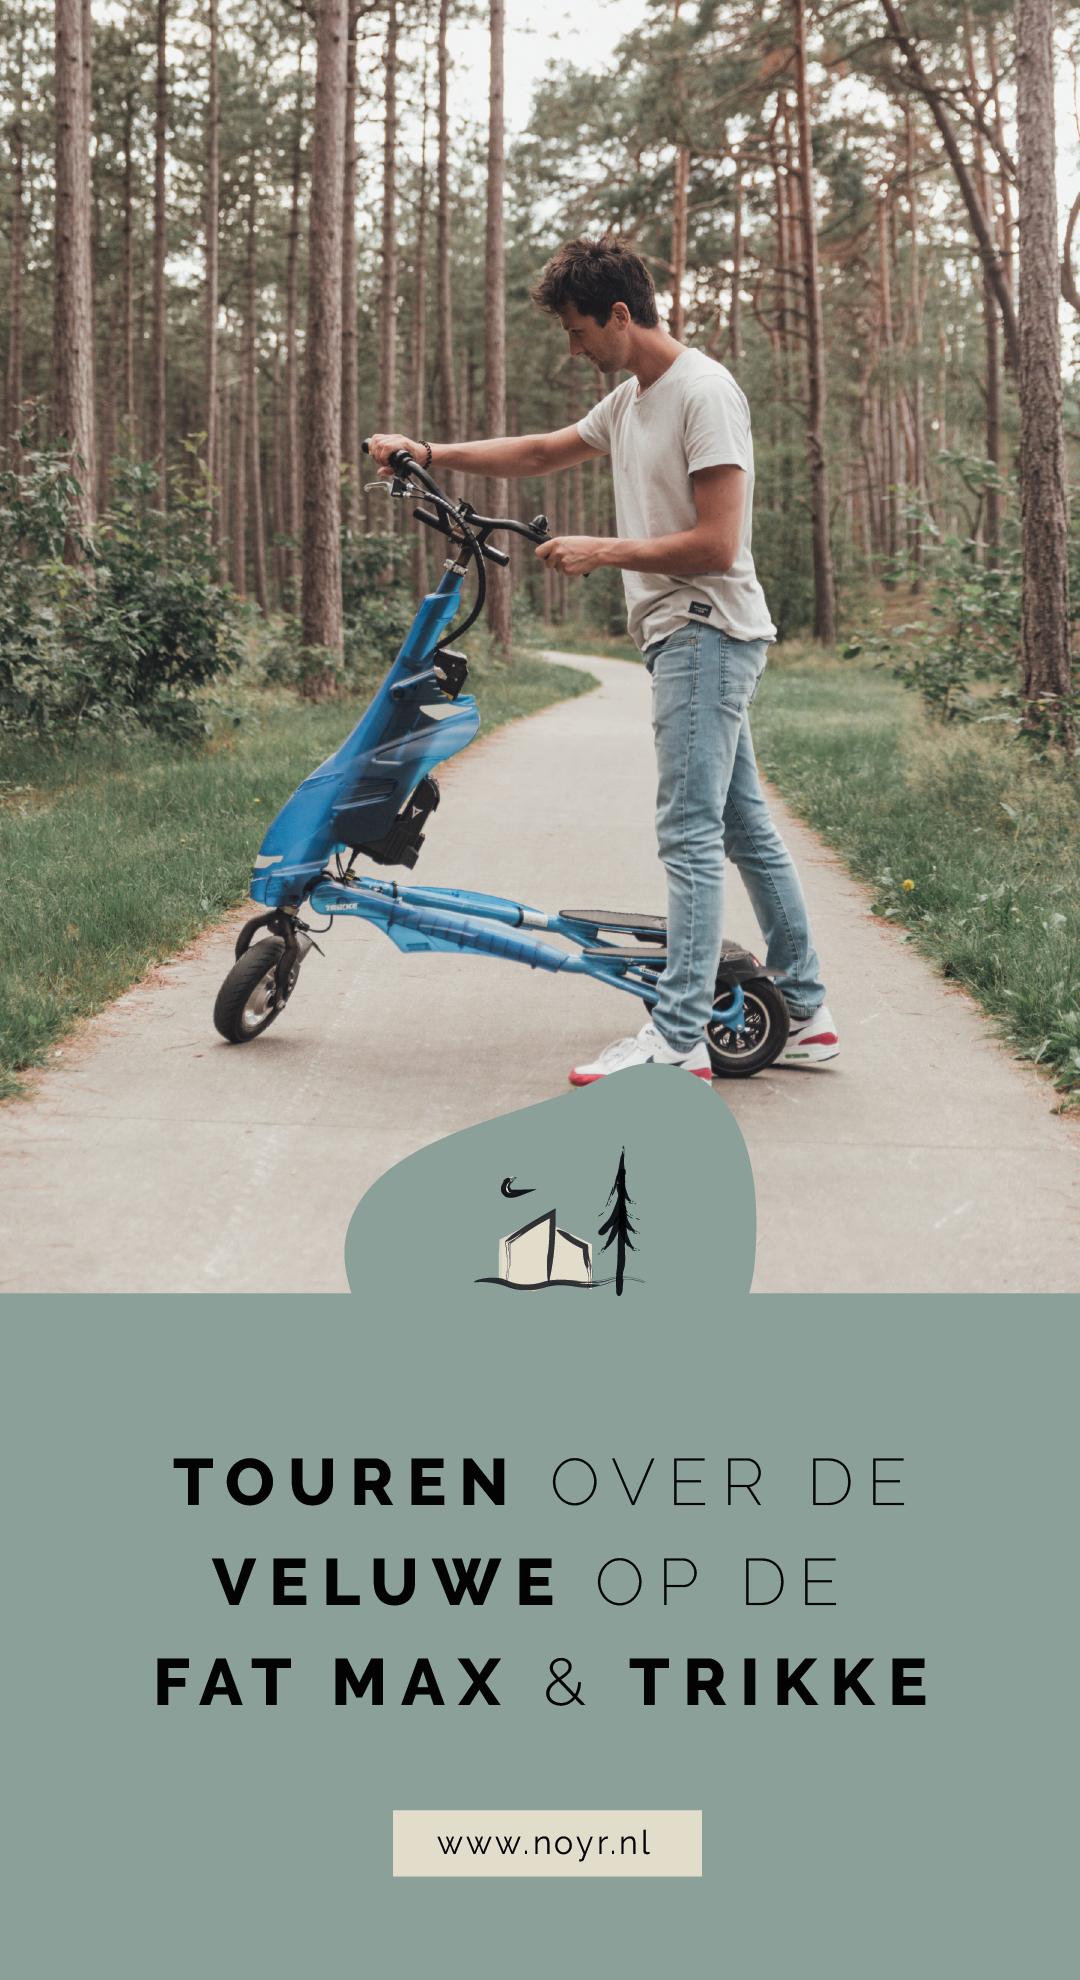 Touren met de Fat Max & Trikke over de Veluwe   Nunspeet   Elektrische step   Vakantie in eigen land